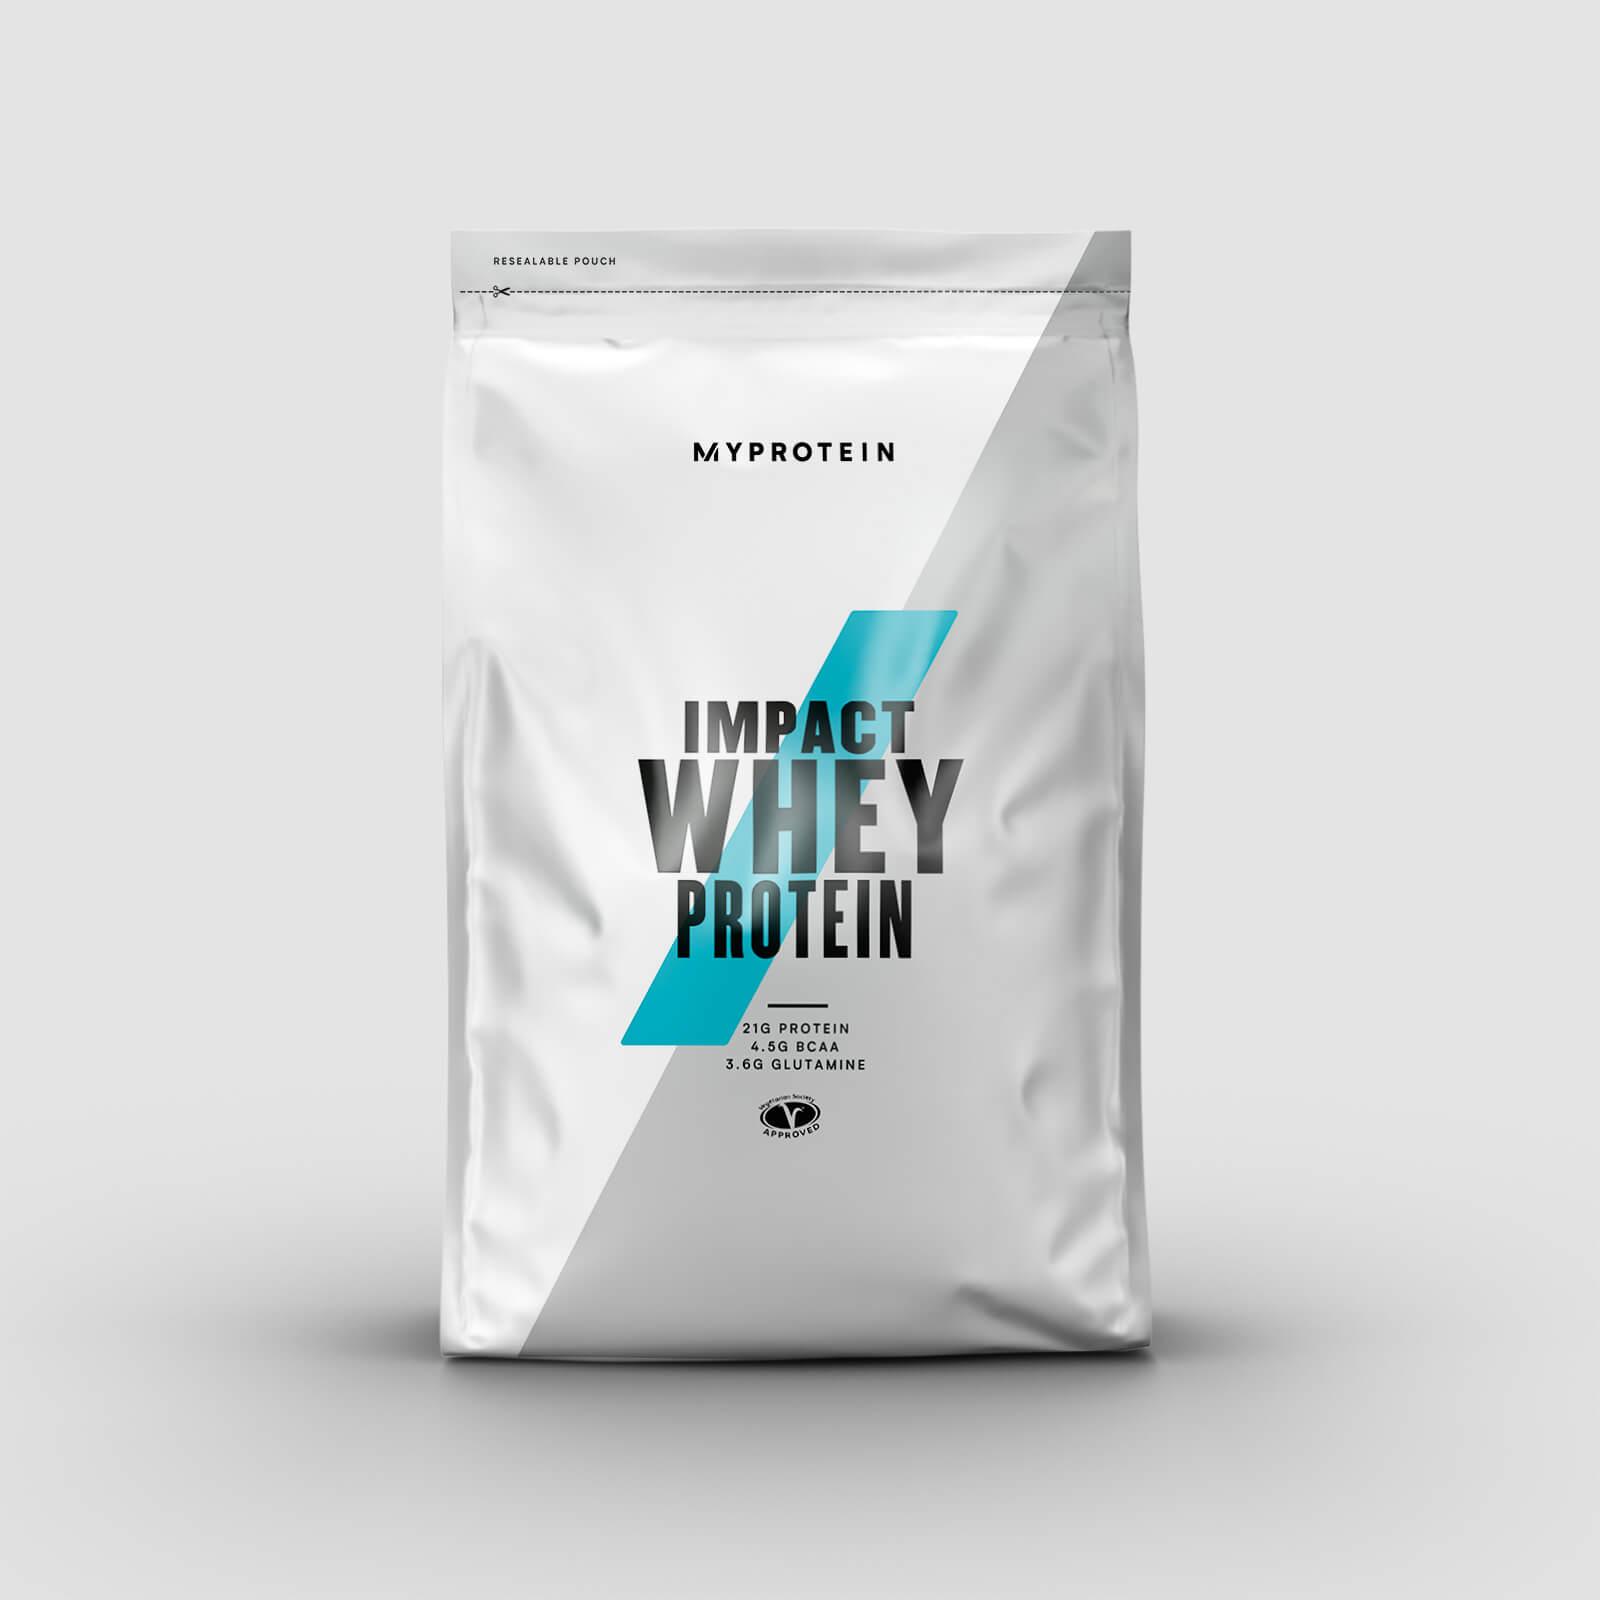 Myprotein Impact Whey Protein - 1kg - Chocolat Naturel